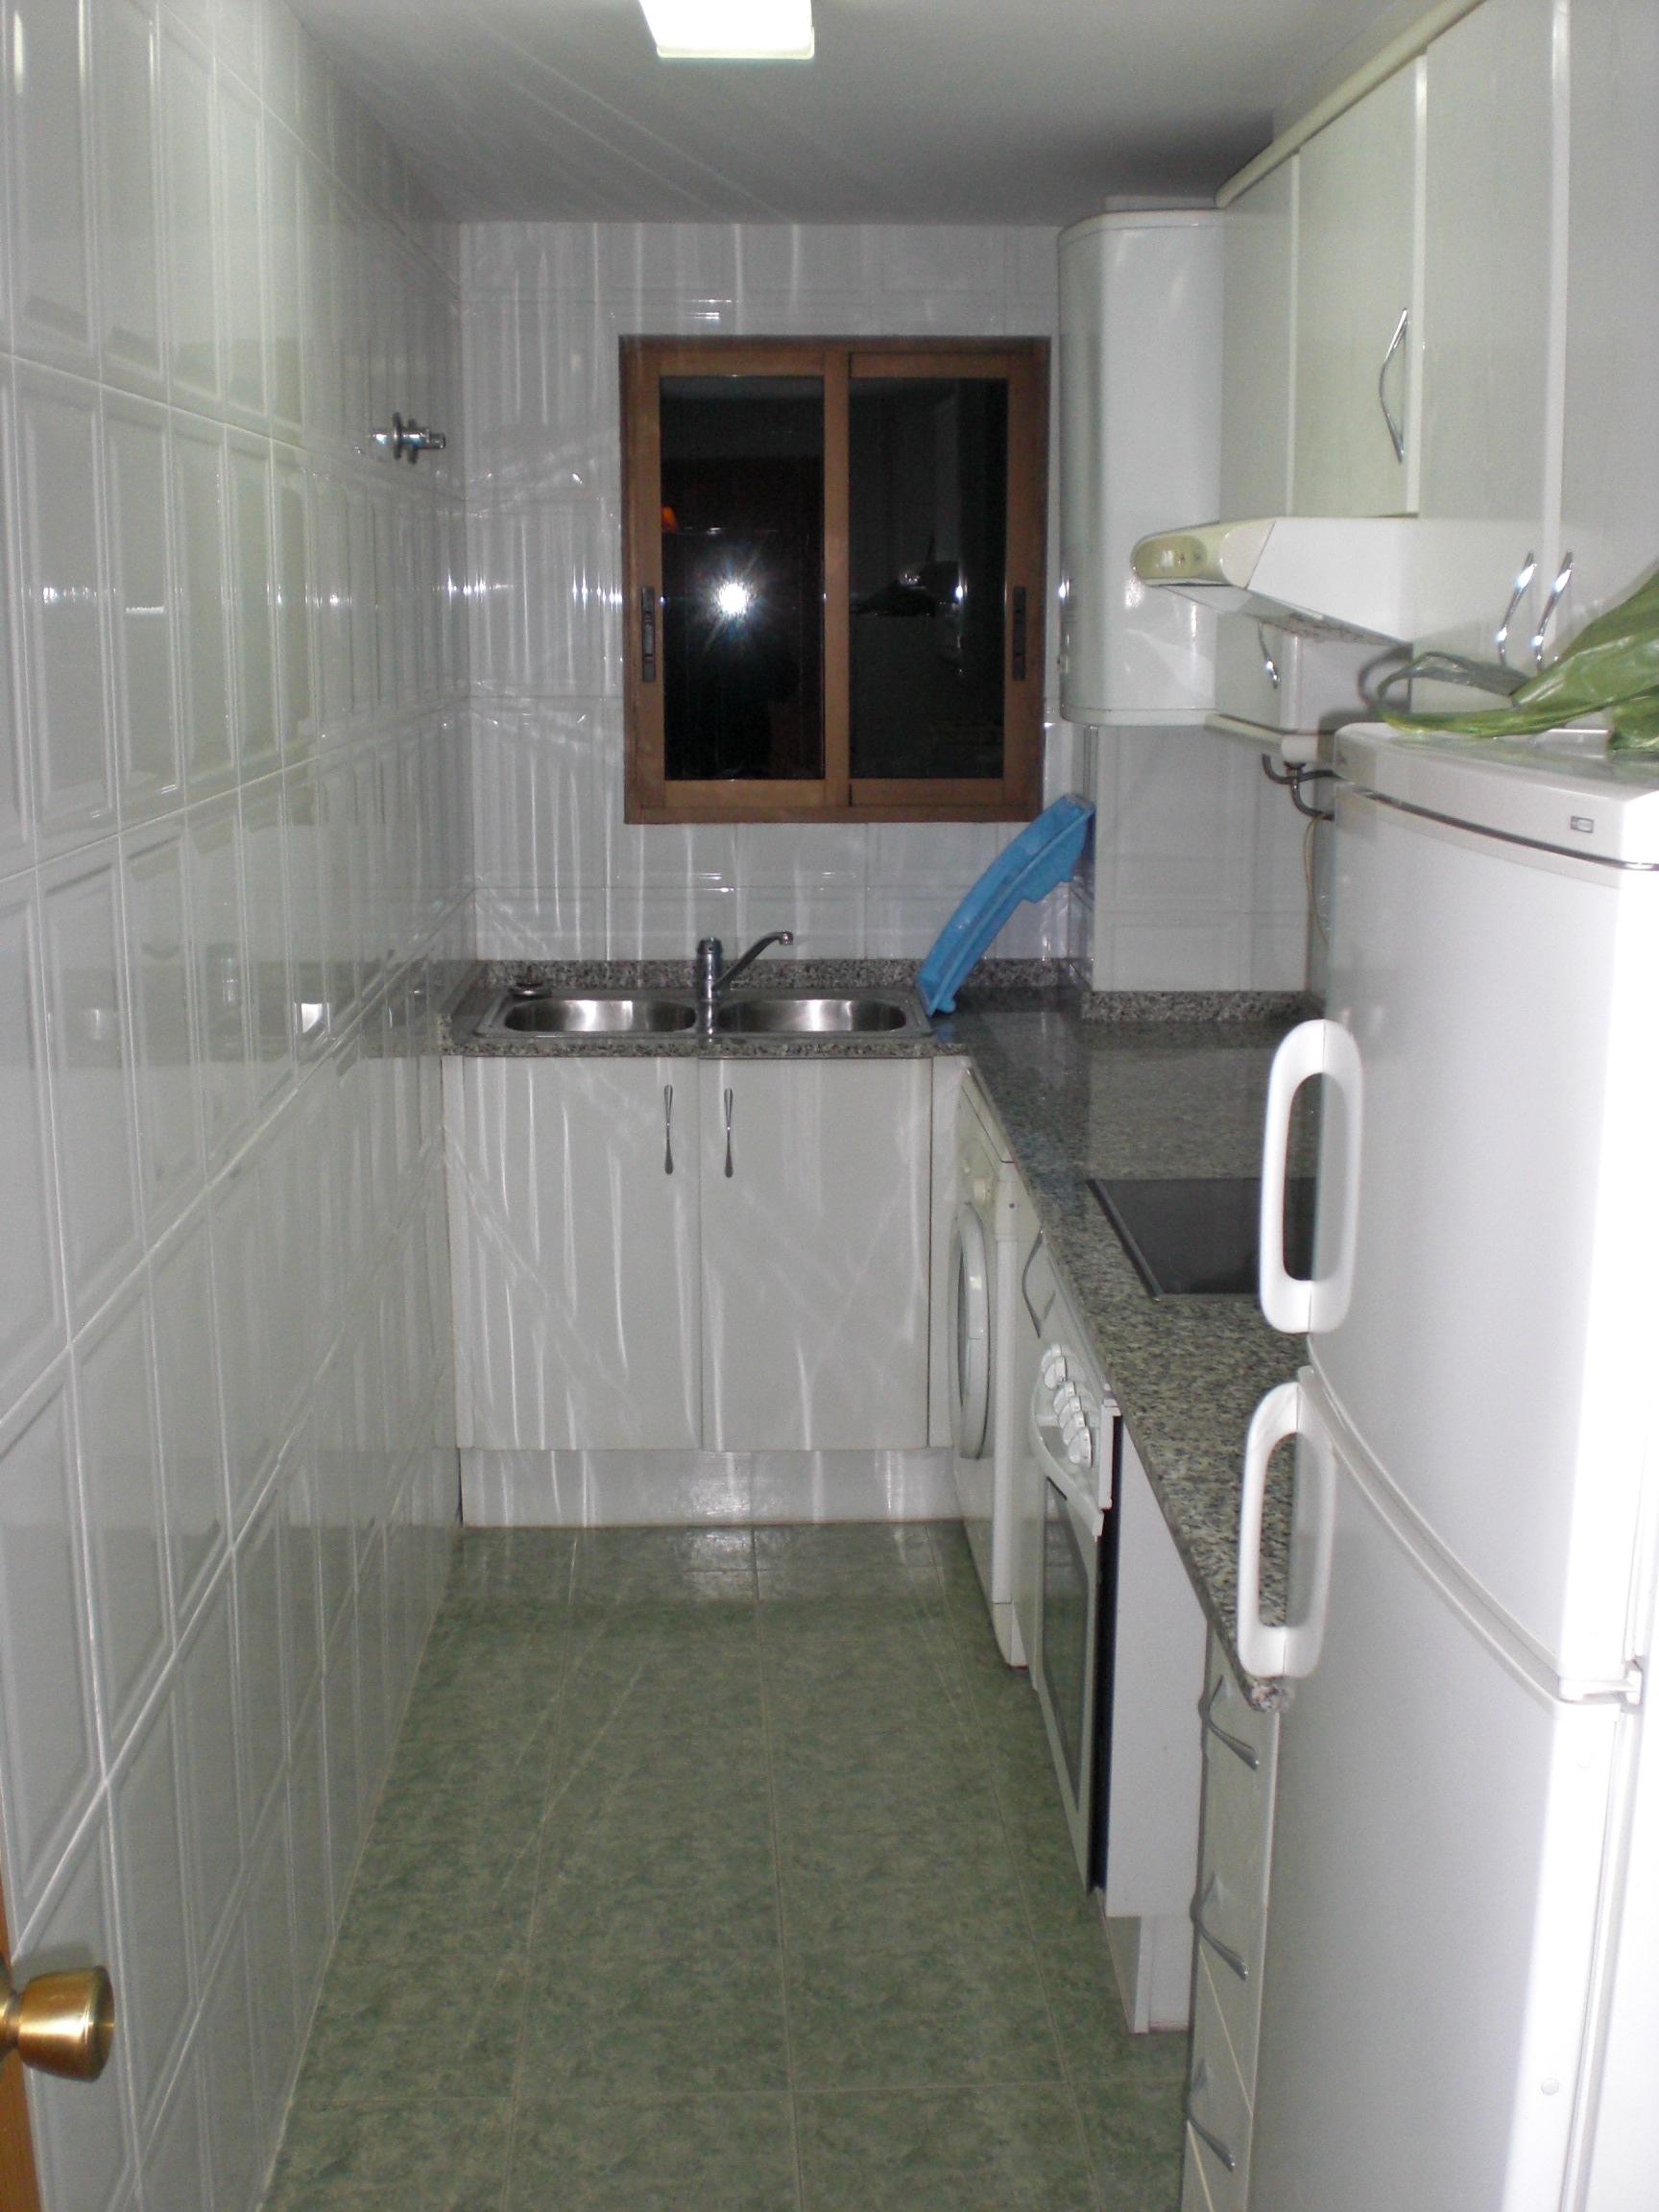 The Hallway kitchen